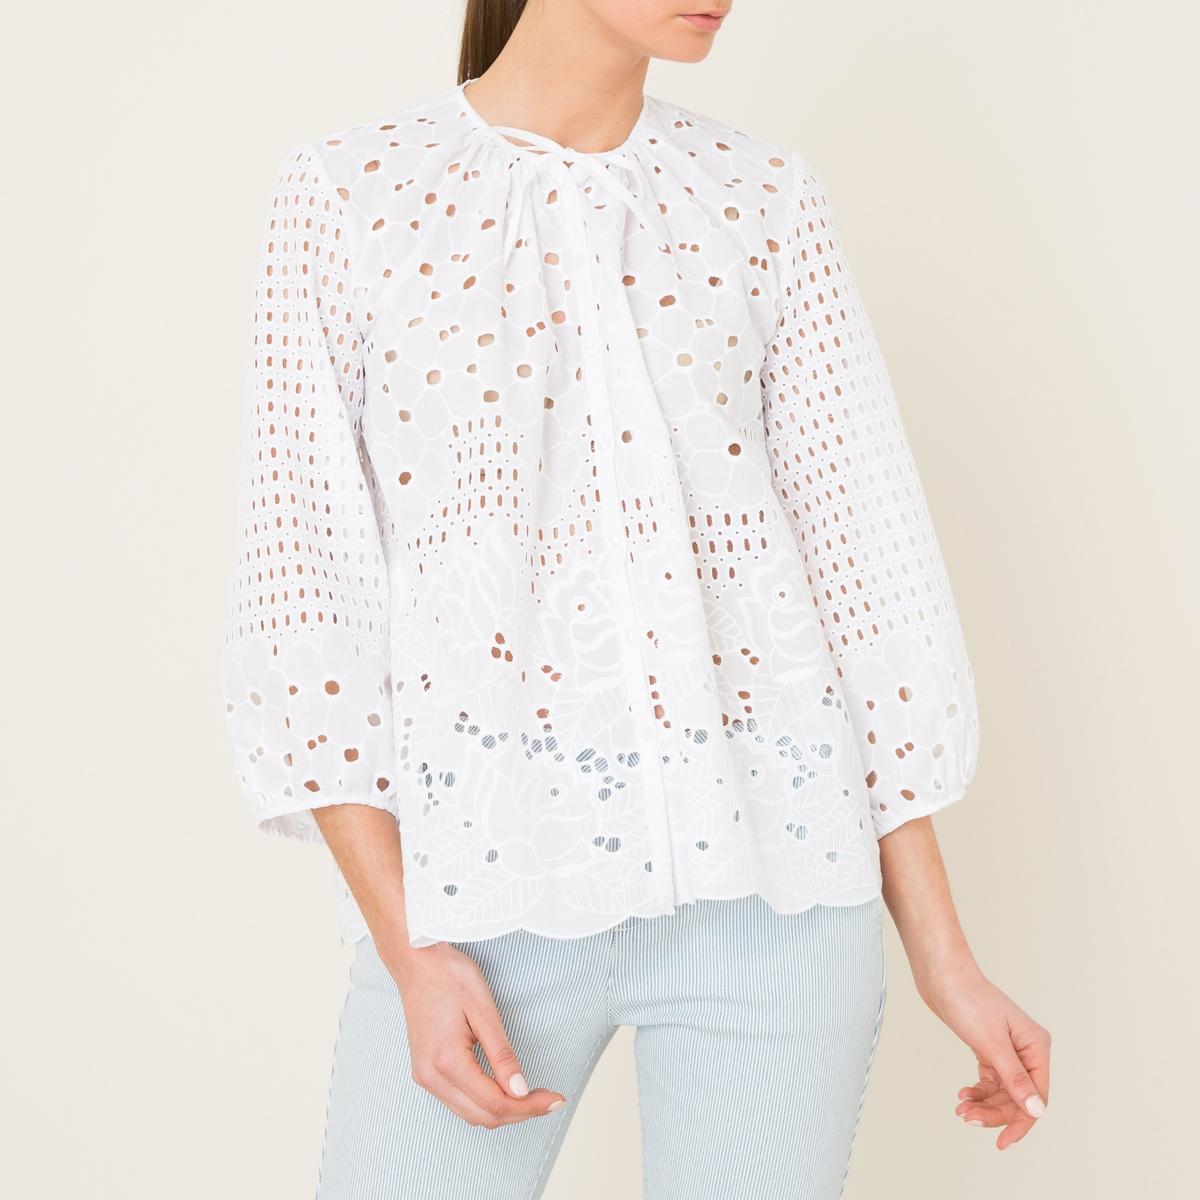 Рубашка THALРубашка VALERIE KHALFON - модель THAL из английского шитья . Круглый вырез с завязками . Застежка на пуговицы спереди. Длинные рукава с напуском и манжетами-браслетами . Волнистый низ. Состав и описание    Материал : 100% хлопок   Марка : VALERIE KHALFON<br><br>Цвет: белый